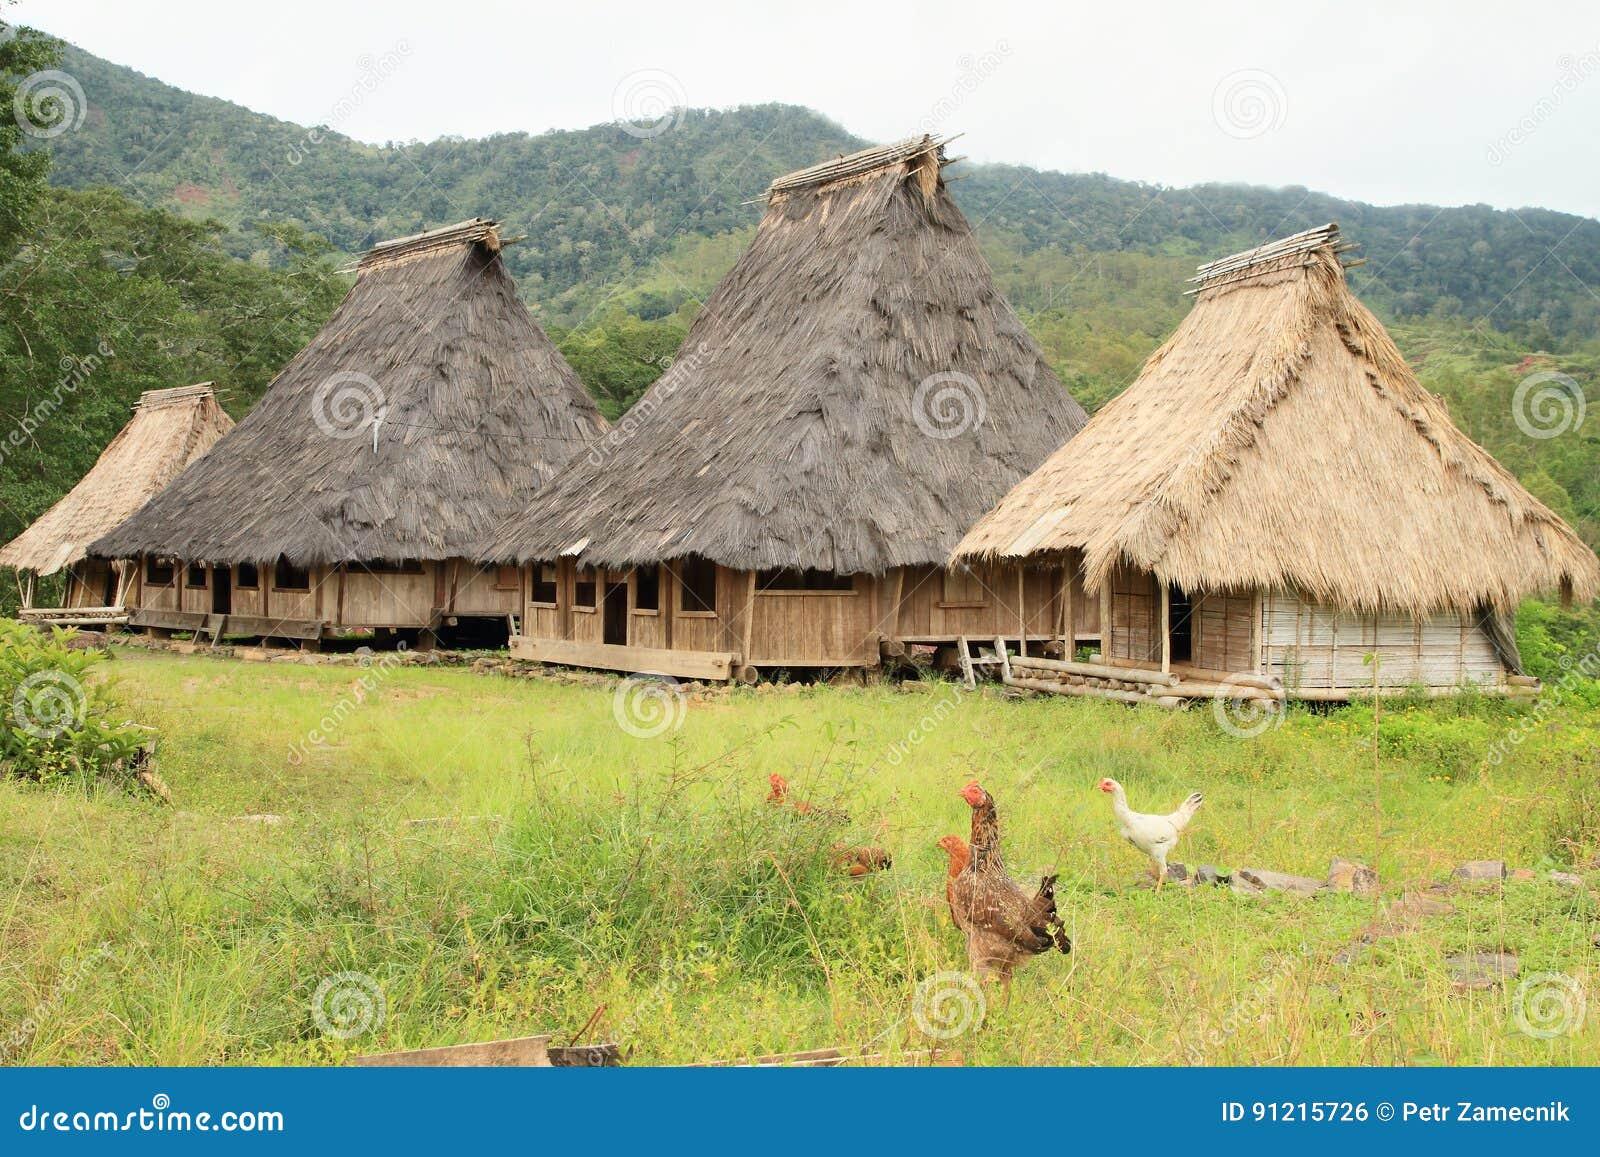 Polli dalle case tradizionali in museo all 39 aperto in for Case tradizionali